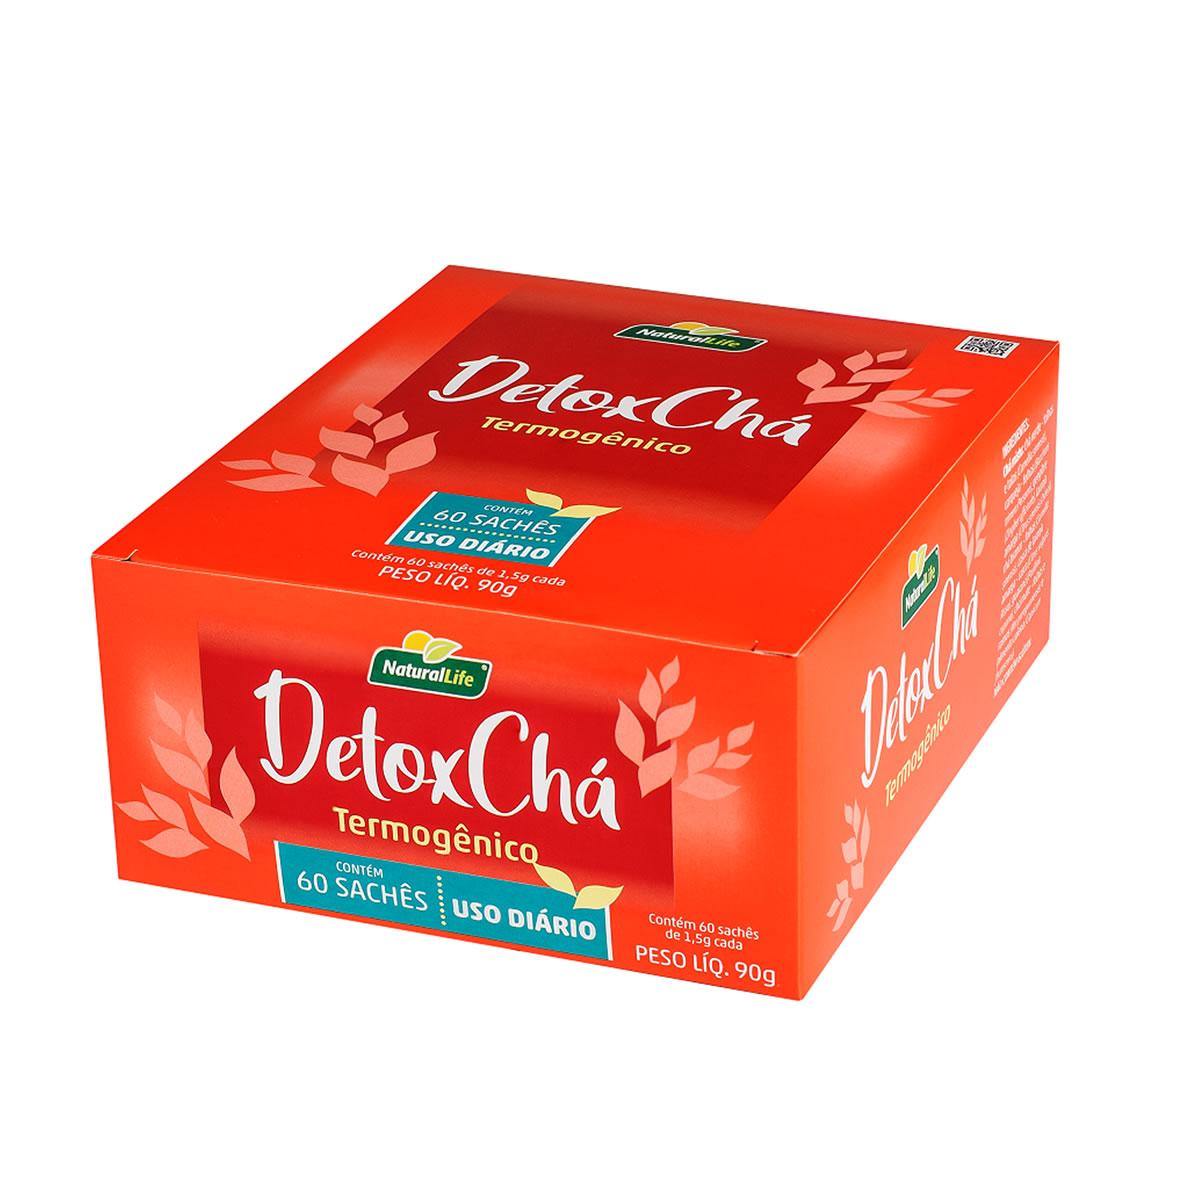 Chá DetoxChá Termogênico Display com 60 Sachês de 1,5g - NaturalLife